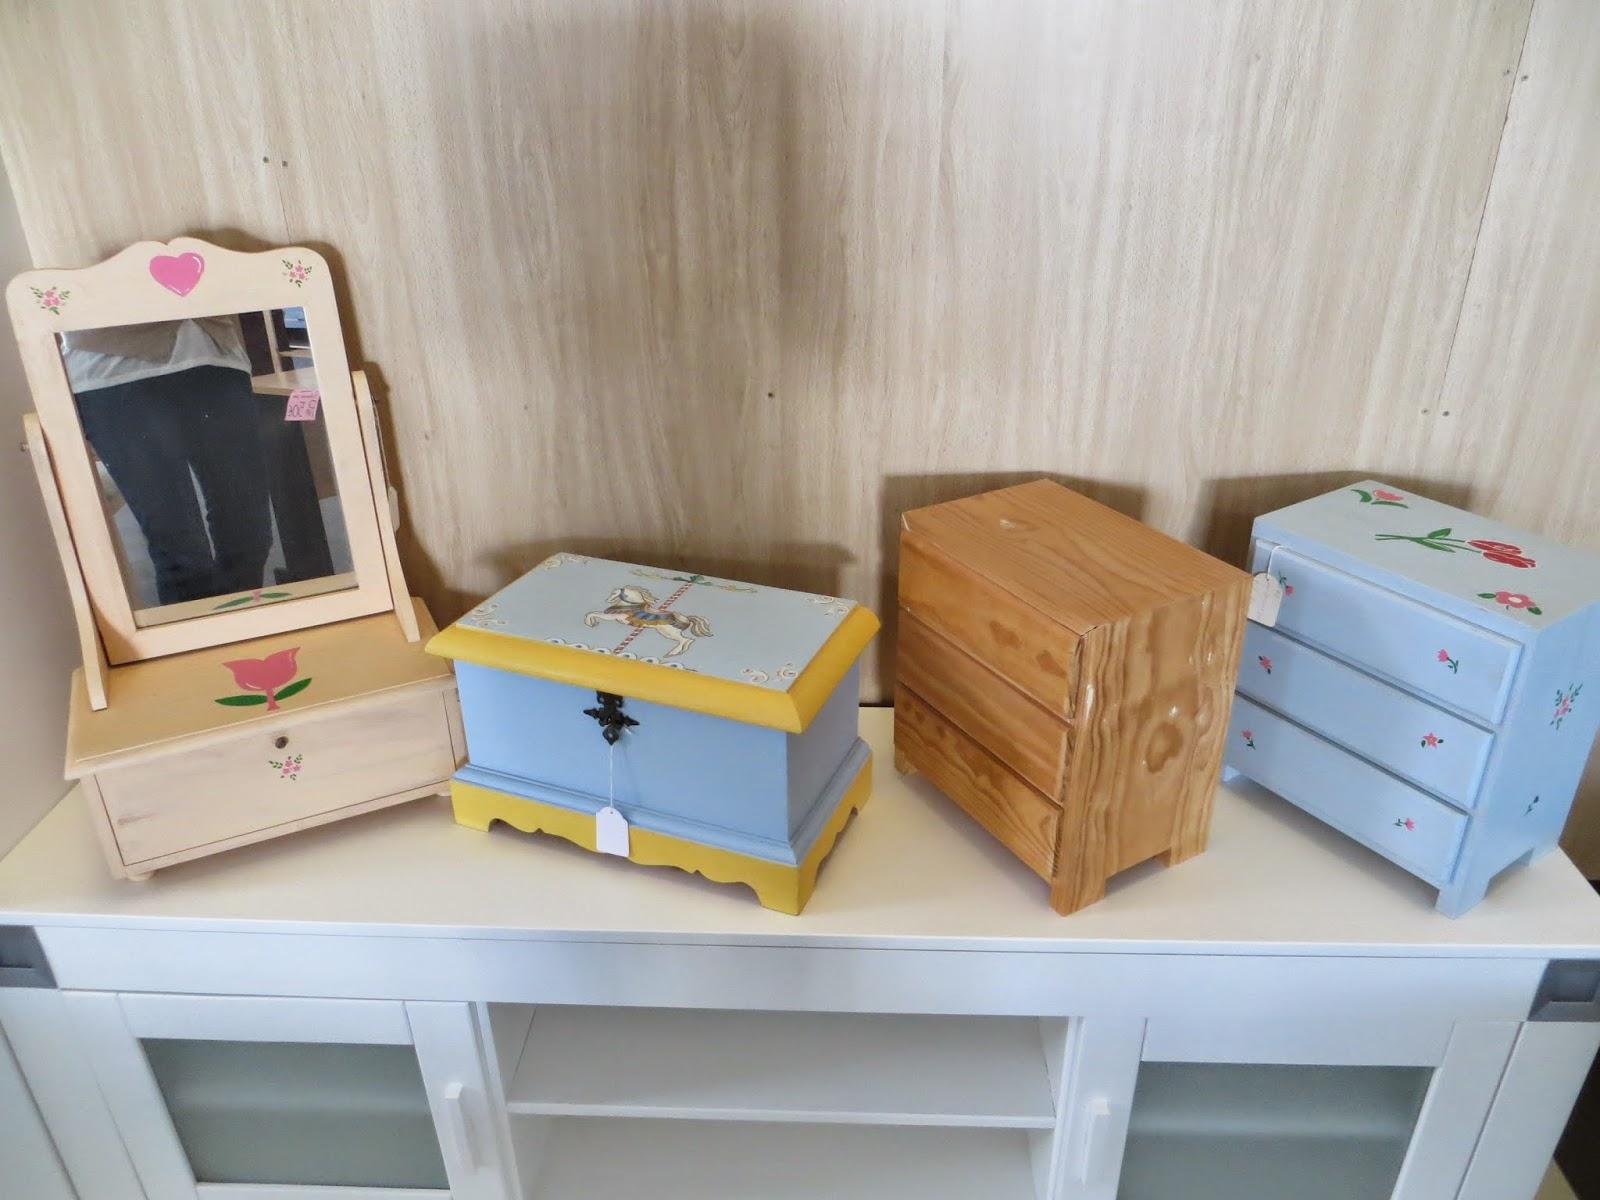 Muebles y art culos de decoraci n a precios chollo for Muebles artesania